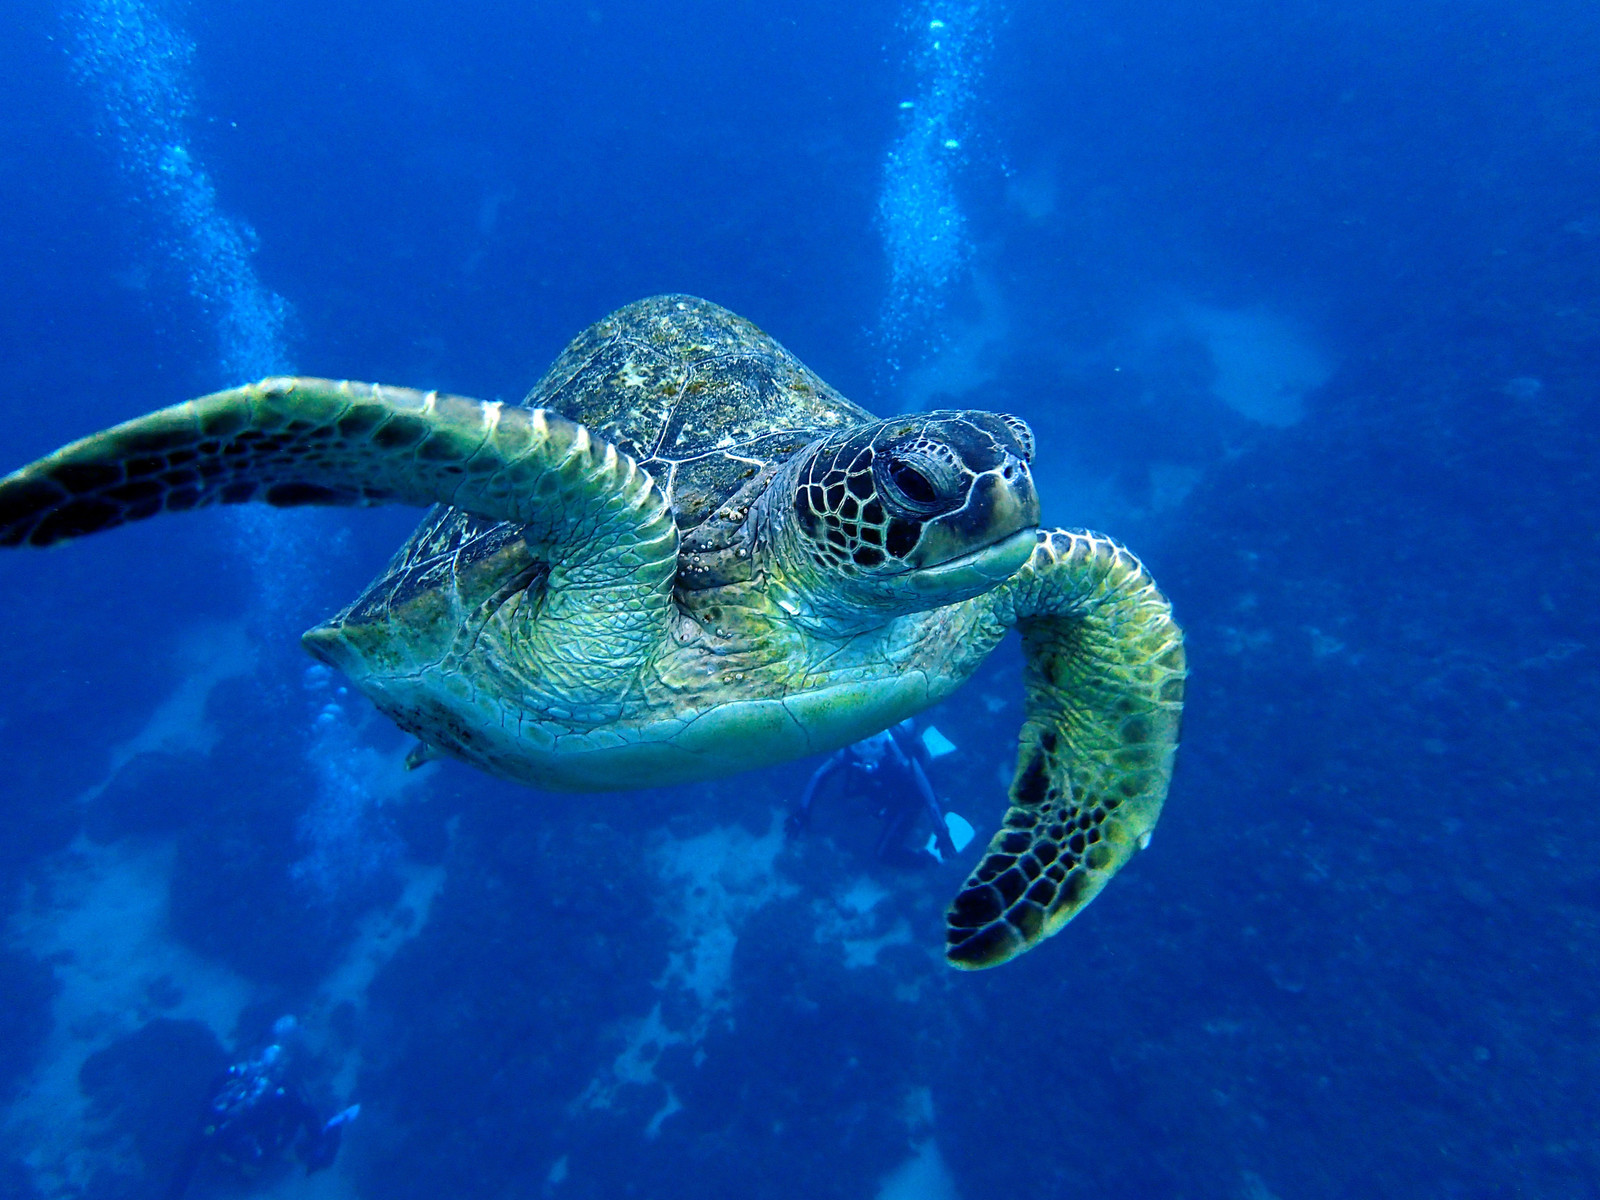 「海中を泳ぐウミガメ」の写真